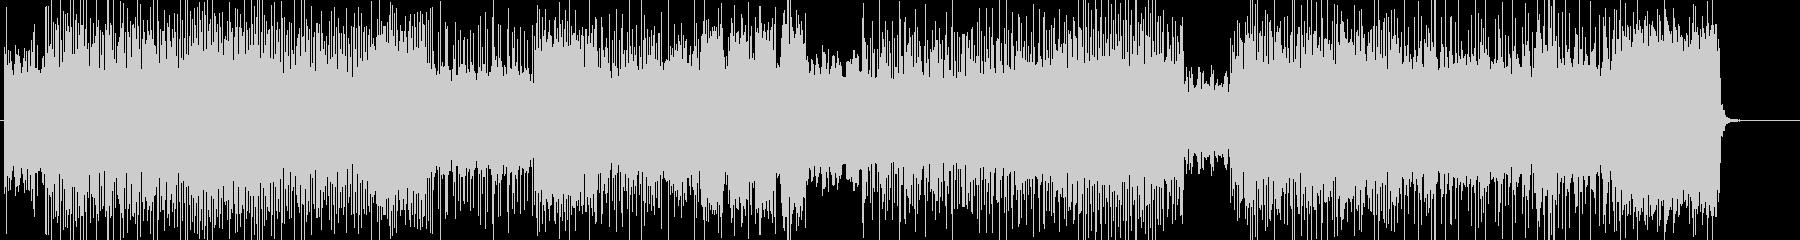 不気味なハードロック系の曲 BGM262の未再生の波形